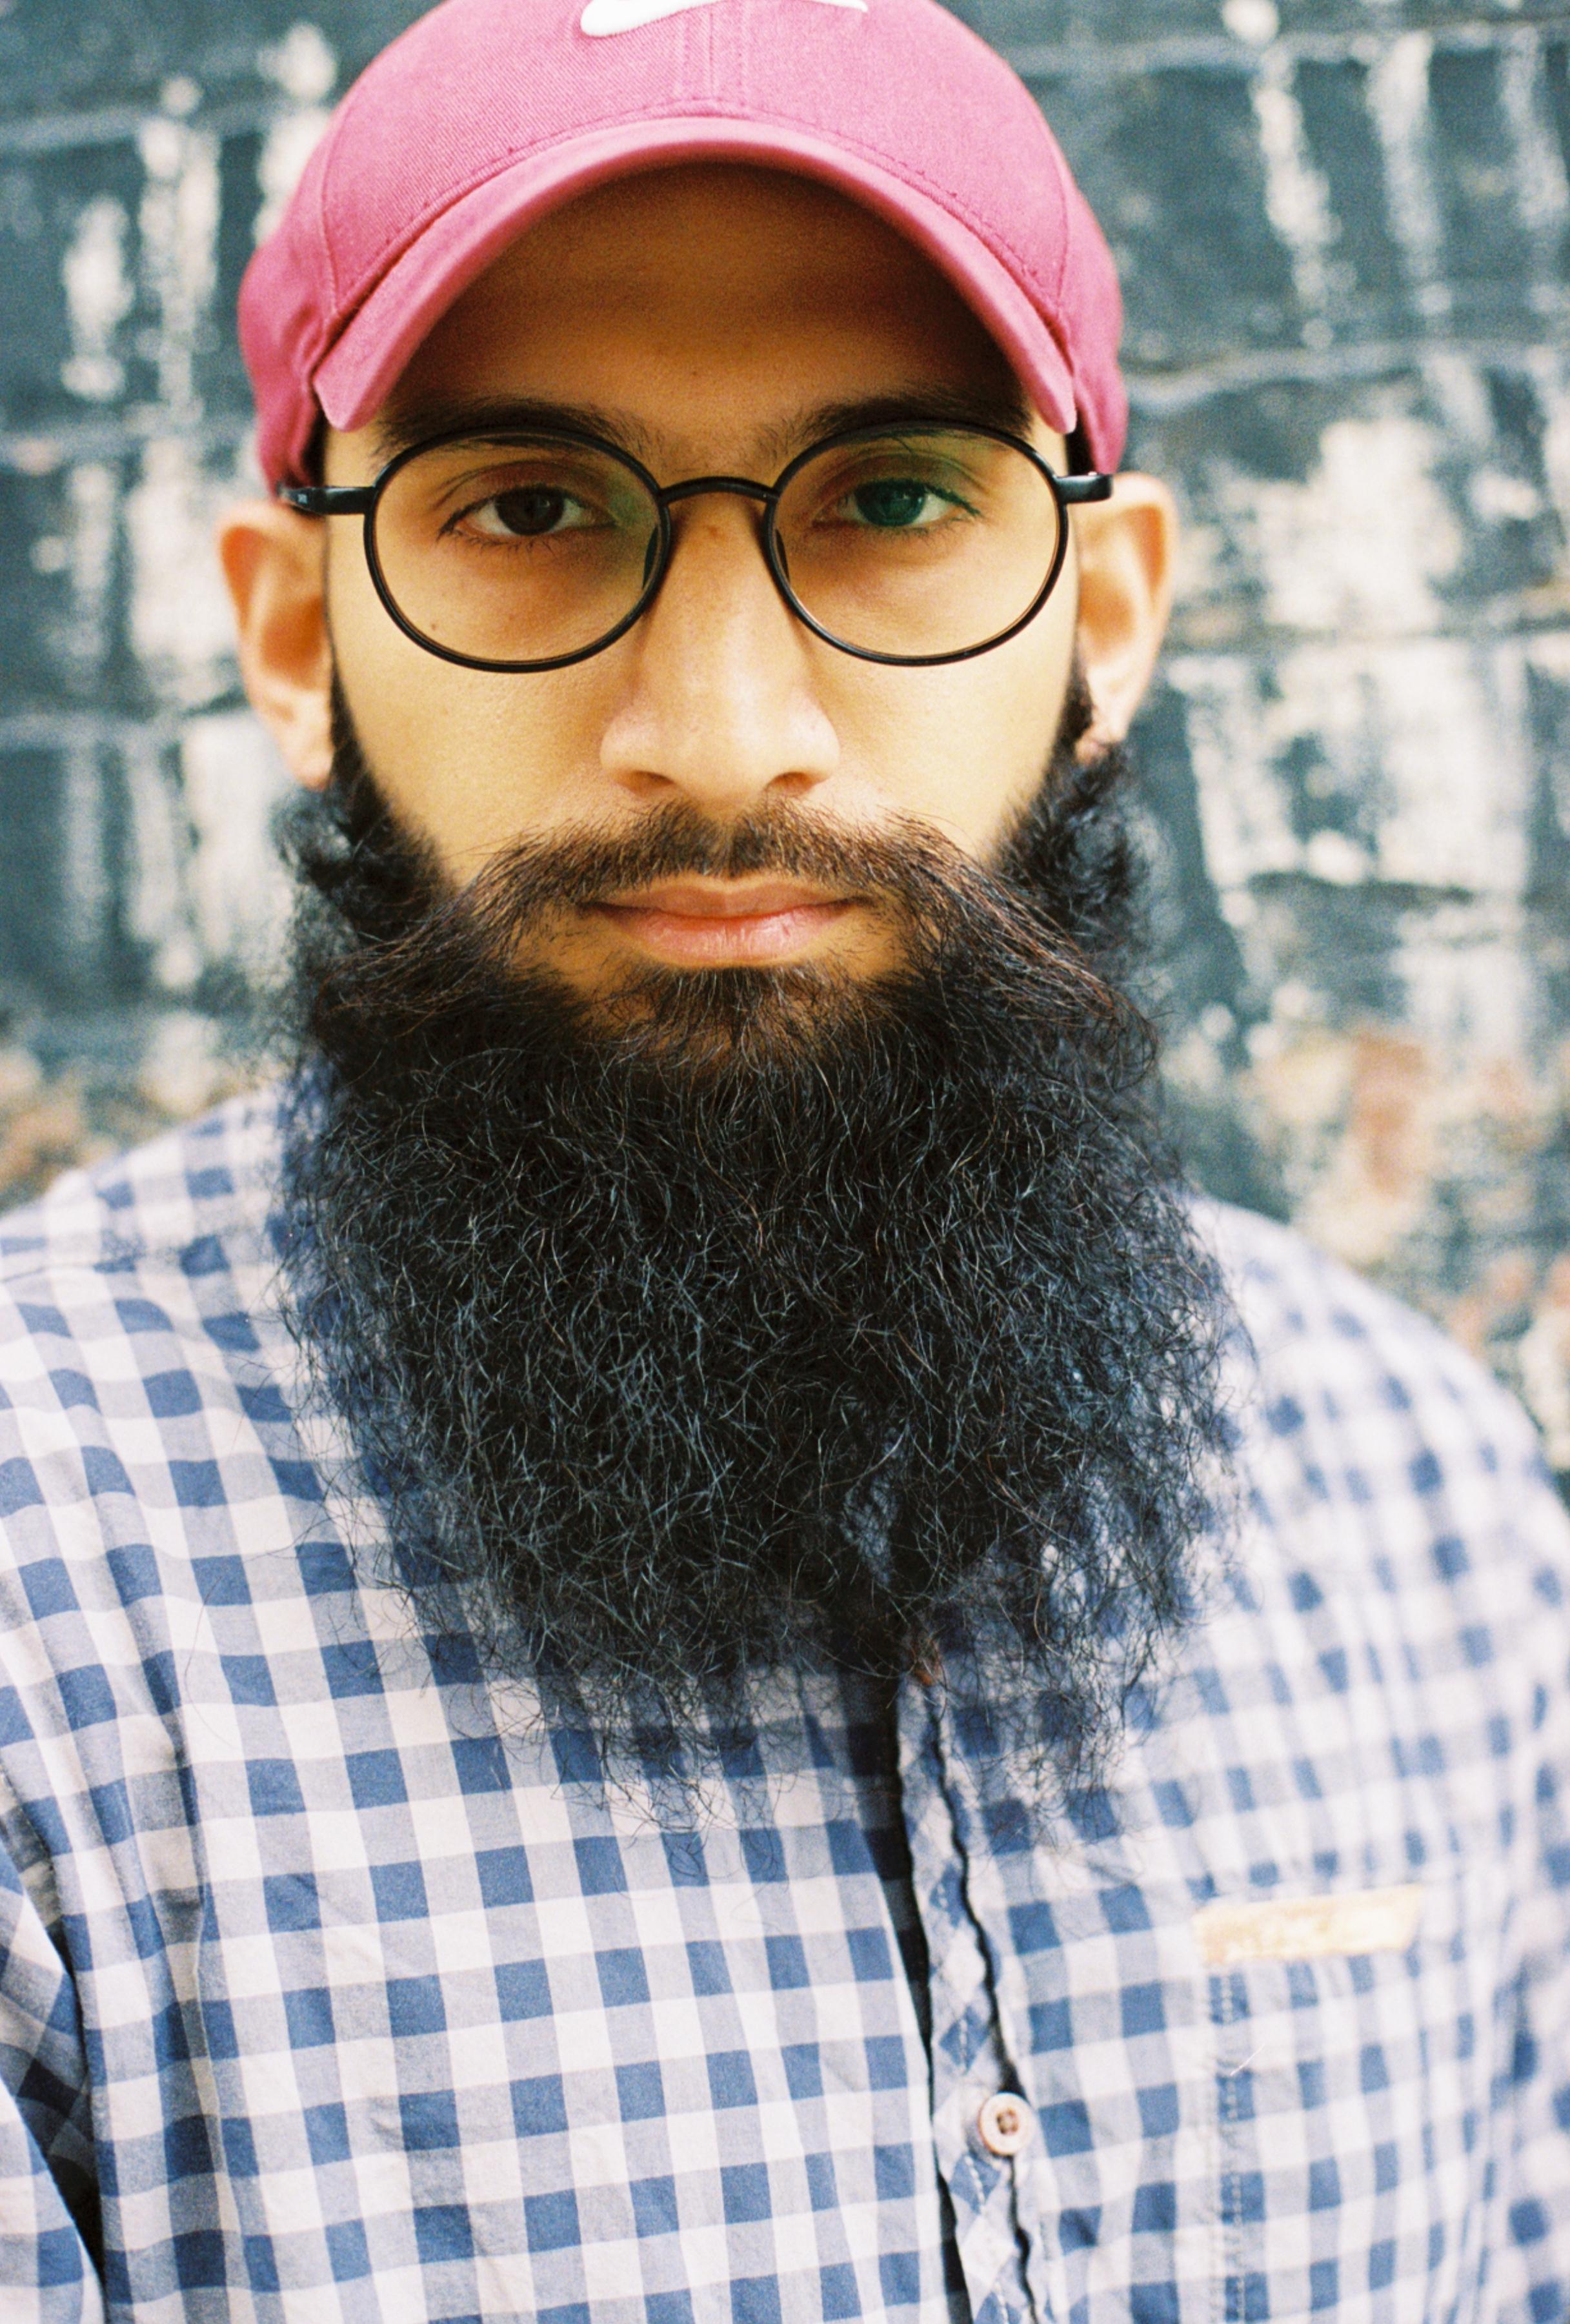 MD in his usual appearance. Beard. Headwear. Specs. Long sleeves.